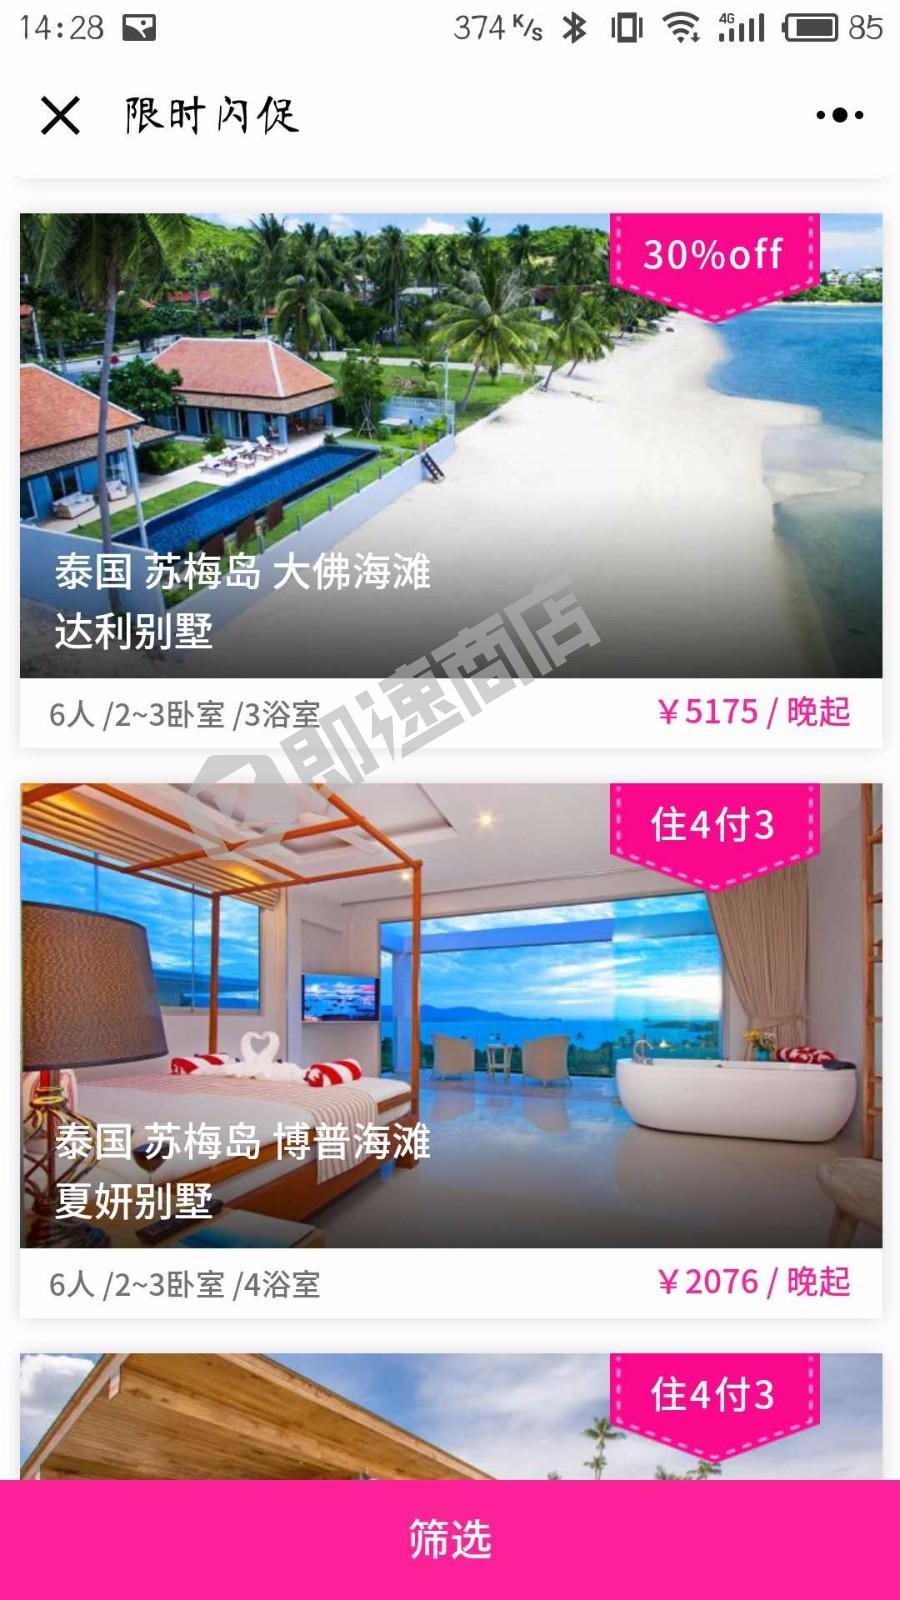 多米游高端别墅酒店主题度假定制小程序详情页截图1